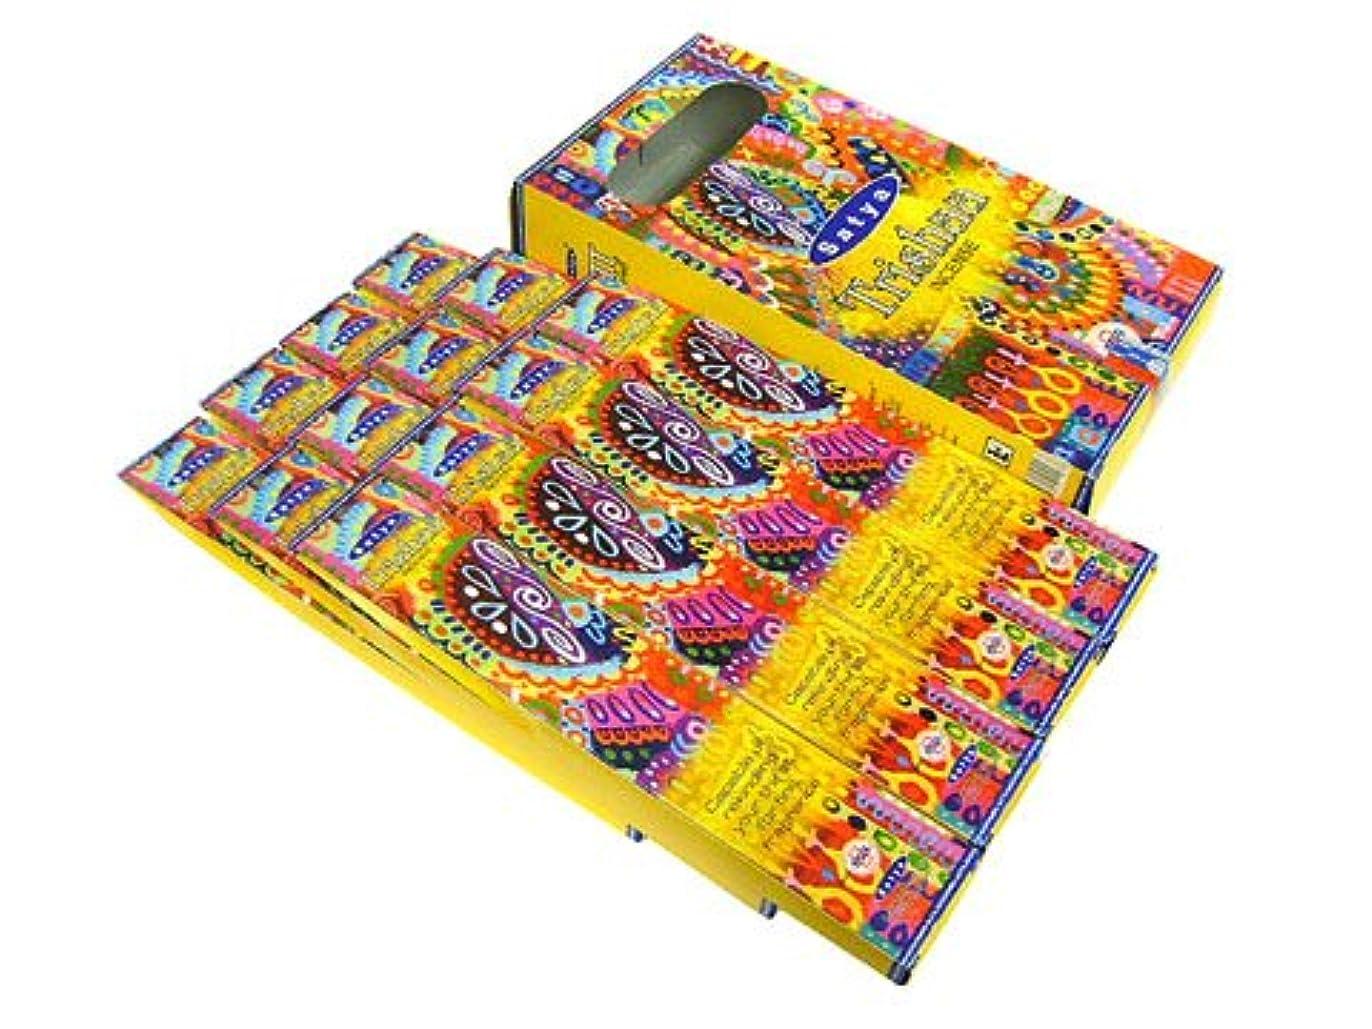 敬意コンパニオン高齢者SATYA(サチャ) トゥリシャ香 スティック マサラタイプTRISHAA 12箱セット